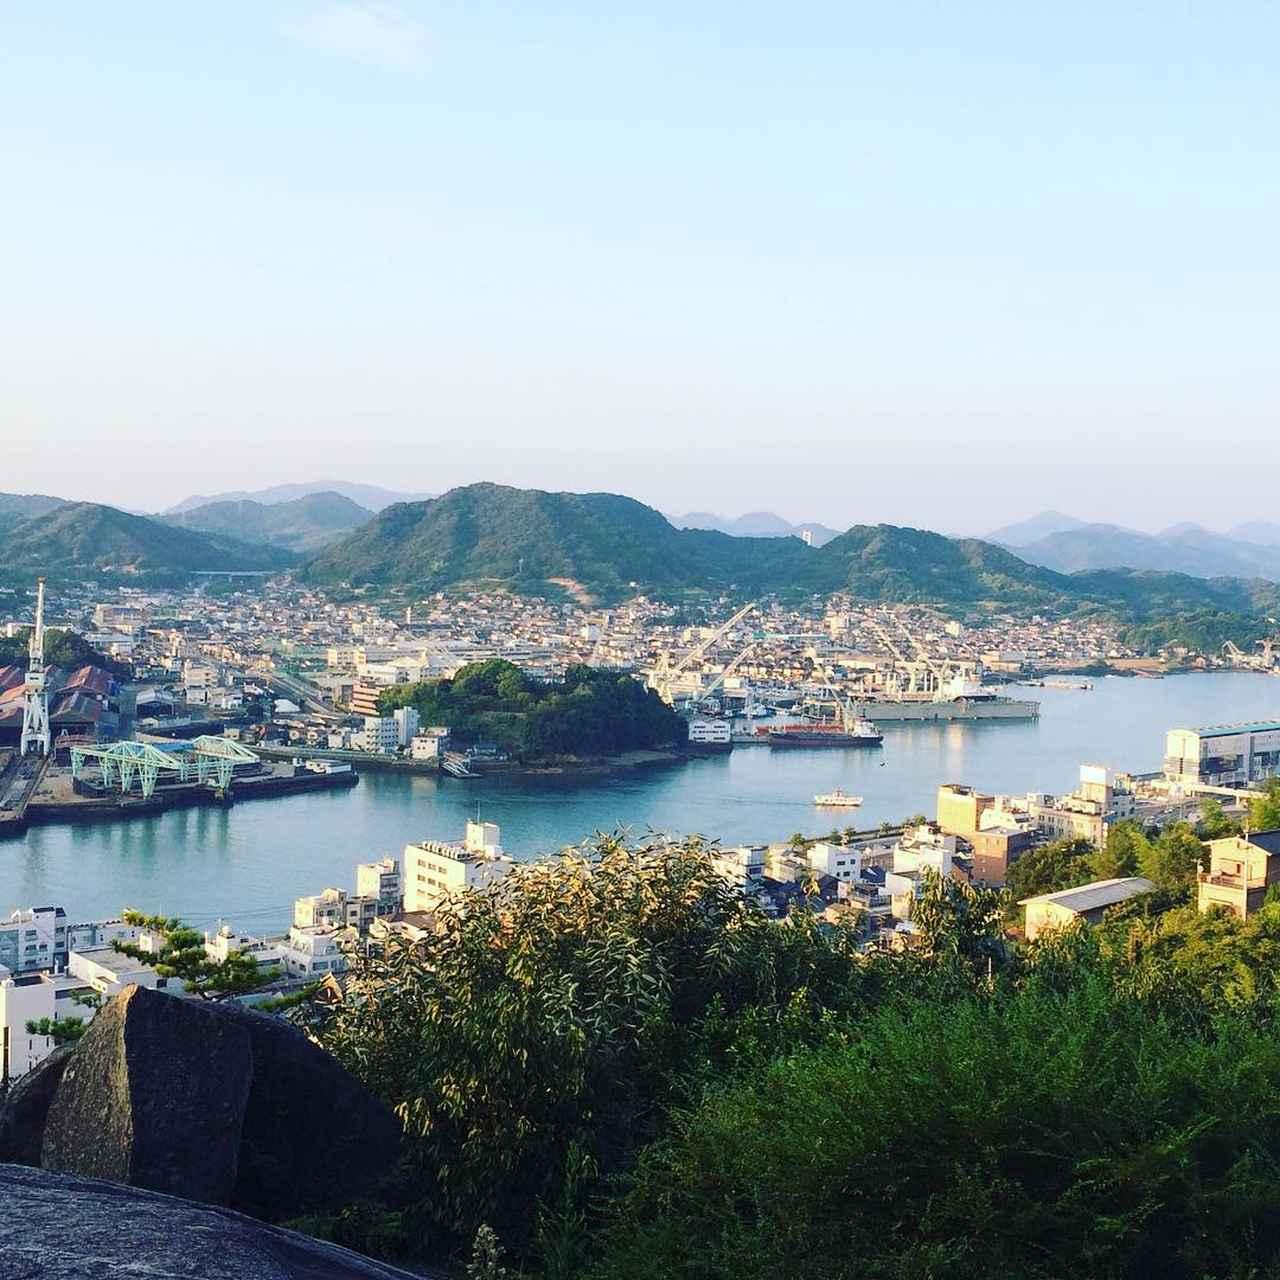 画像1: 櫻井美咲さんのInstagram写真・2016  9月 2 3:55午前 UTC www.instagram.com